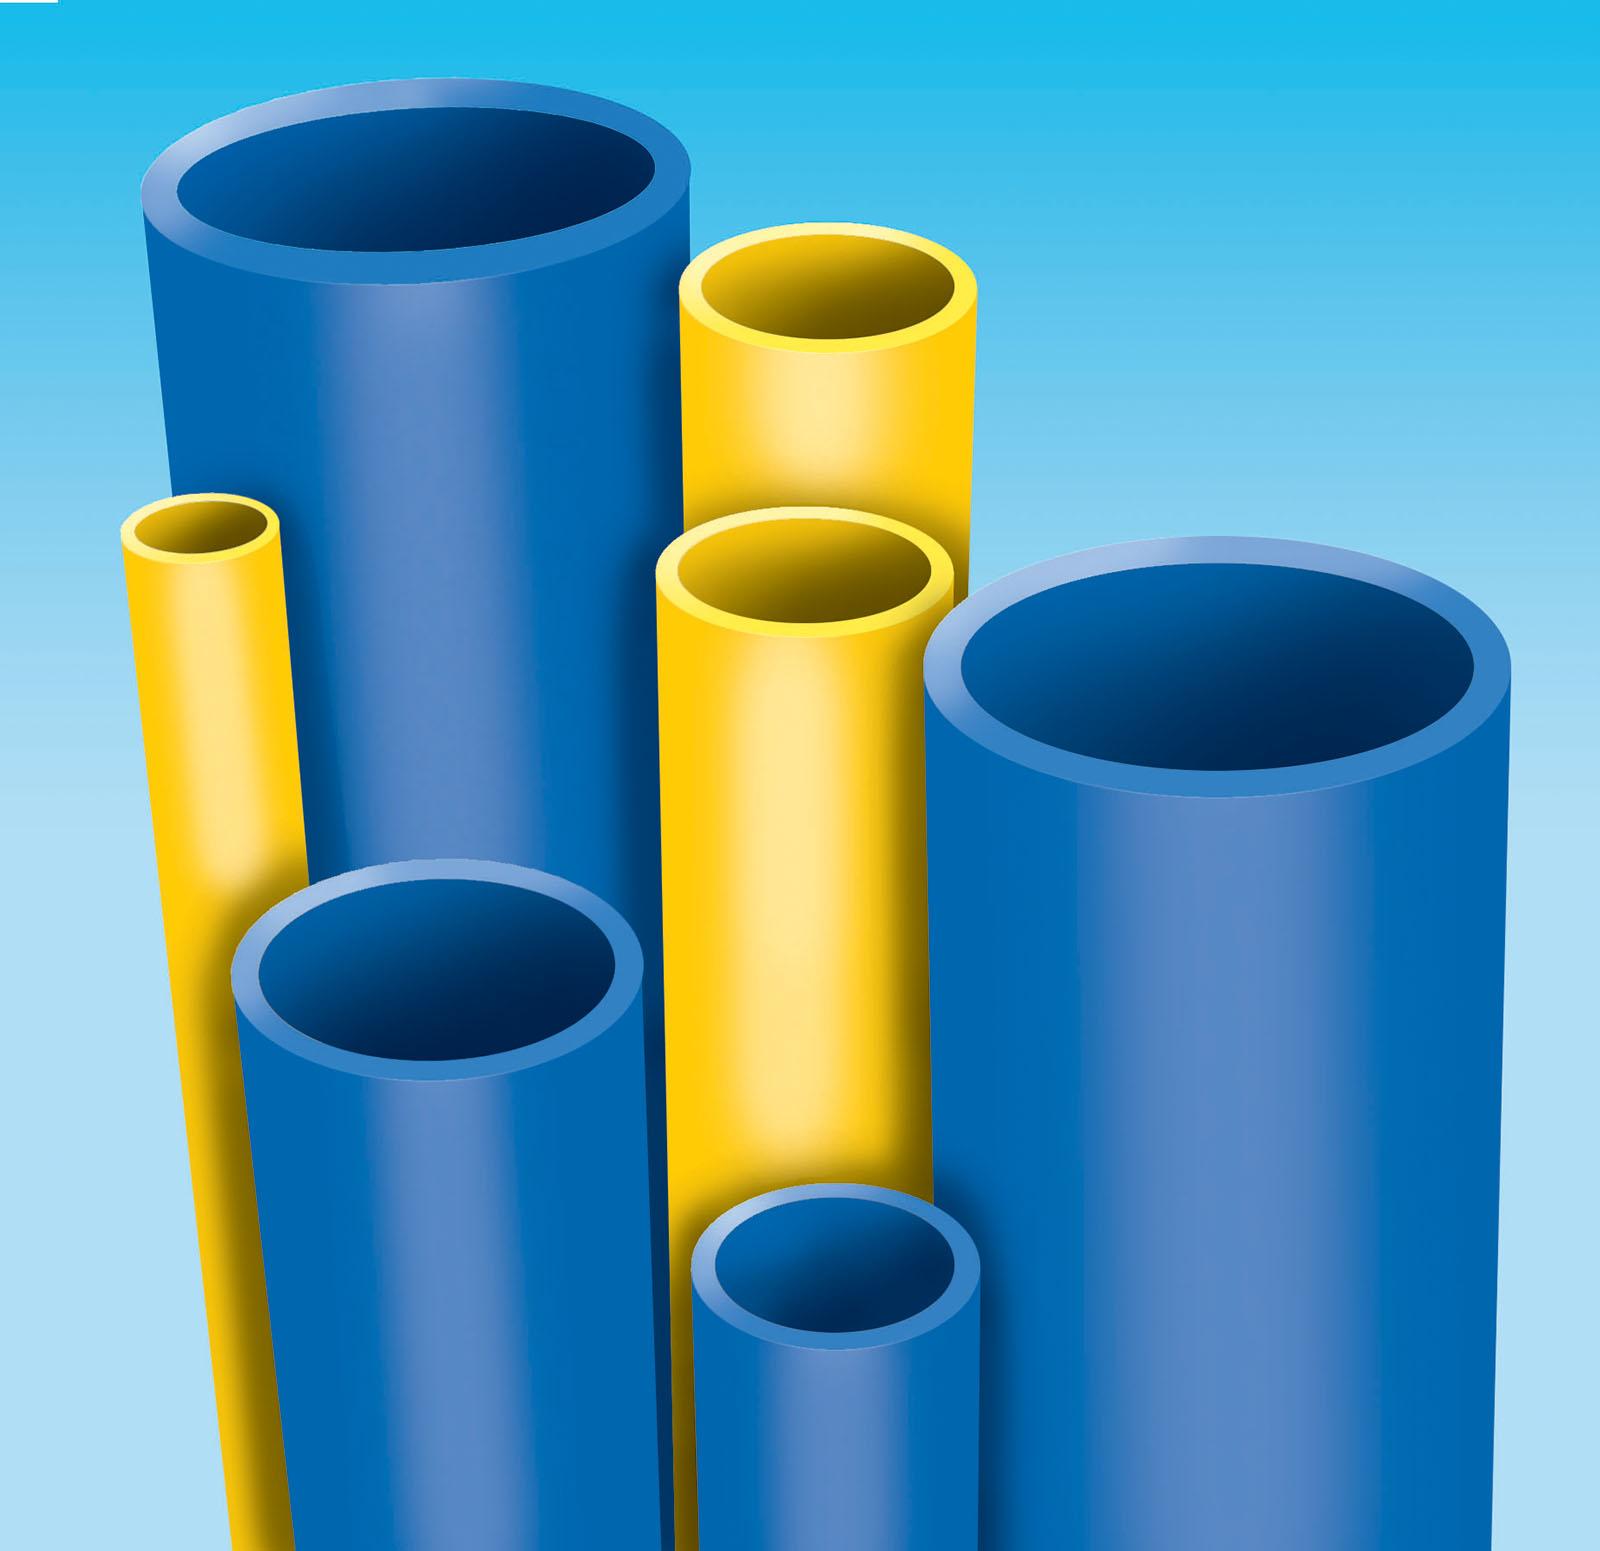 Pakplast icme suyu borulari